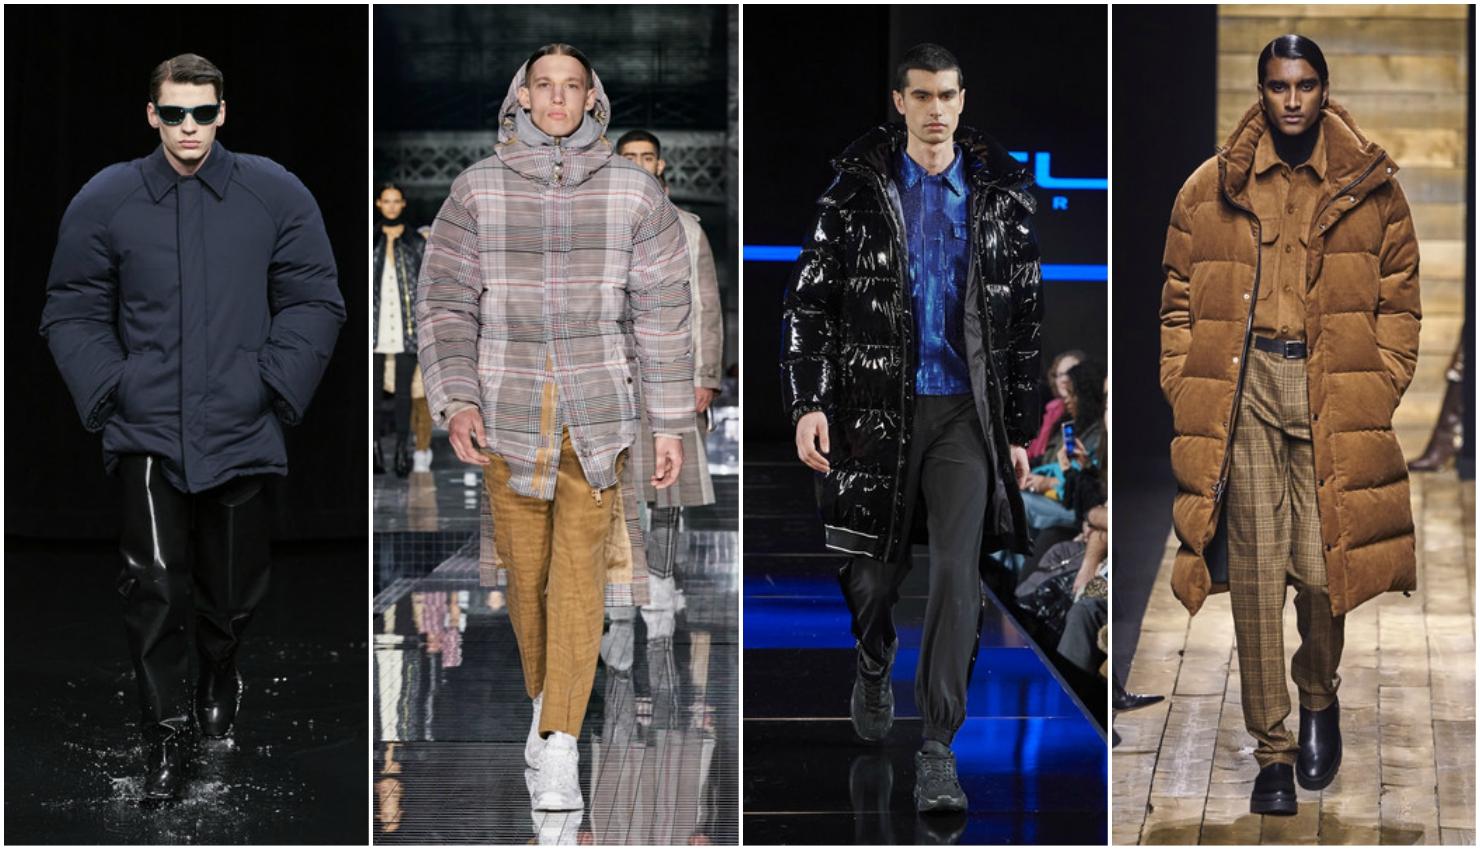 Tendencias hombre otoño invierno 2020/21 chaquetas acolchadas